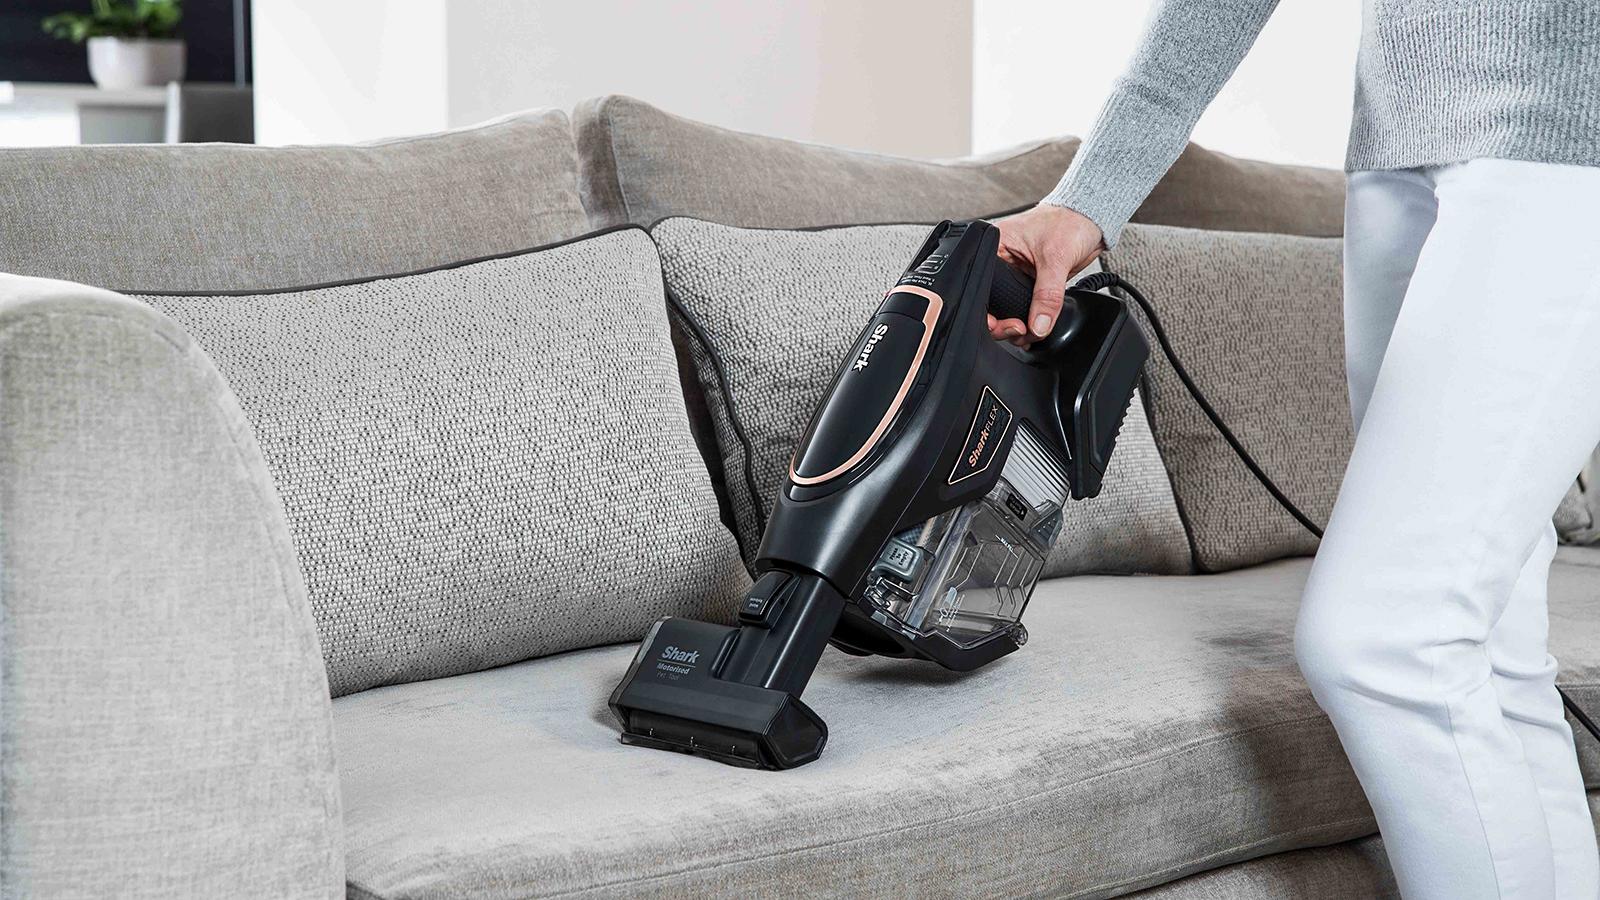 Shark Duoclean Corded Truepet Stick Vacuum Cleaner Hv390ukt